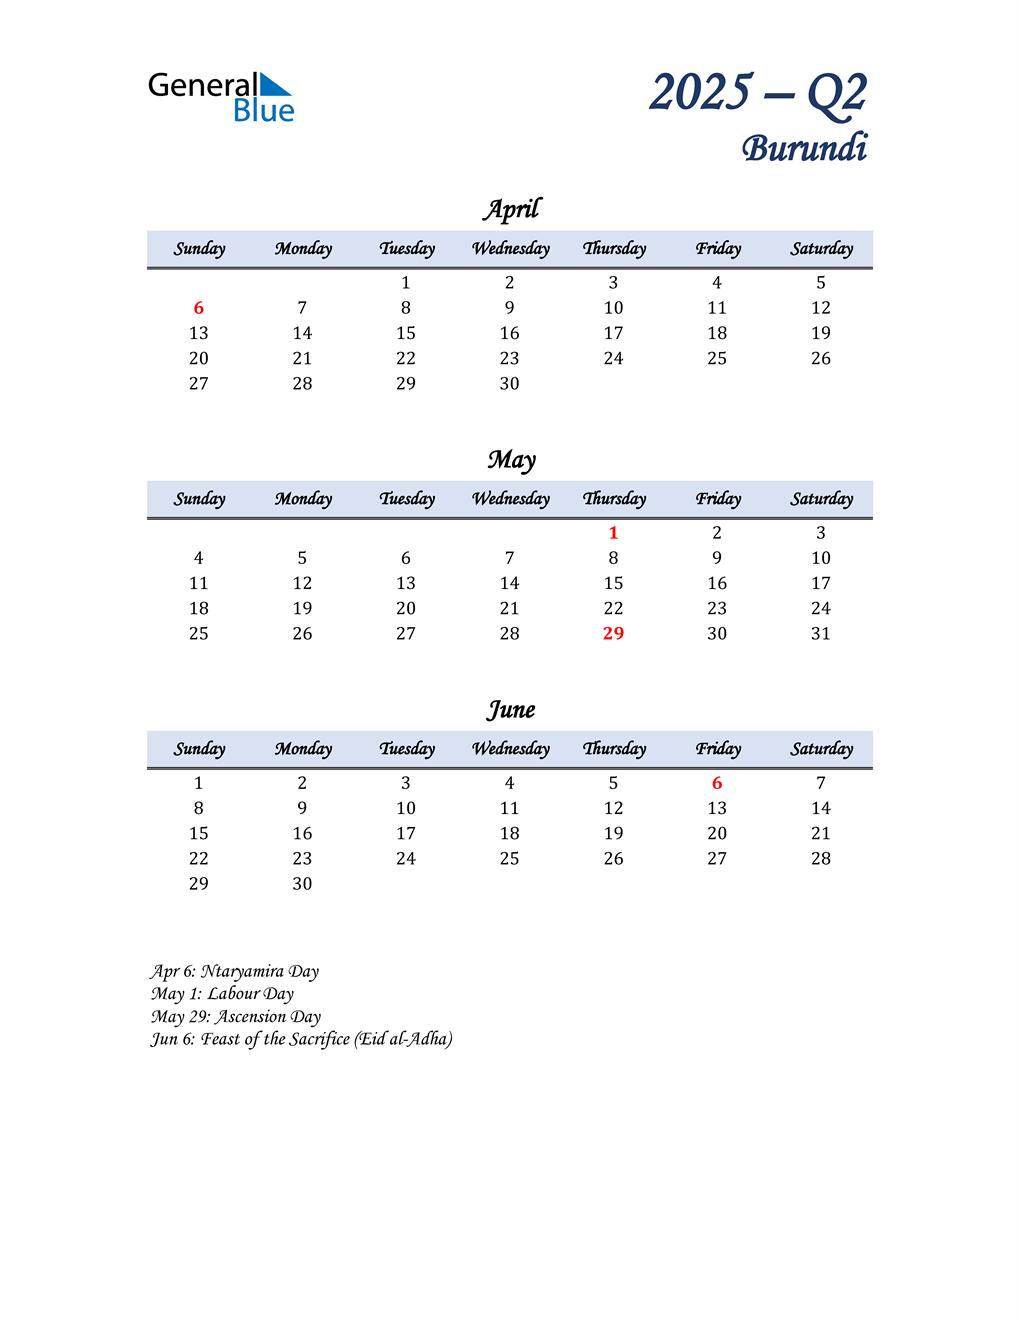 April, May, and June Calendar for Burundi